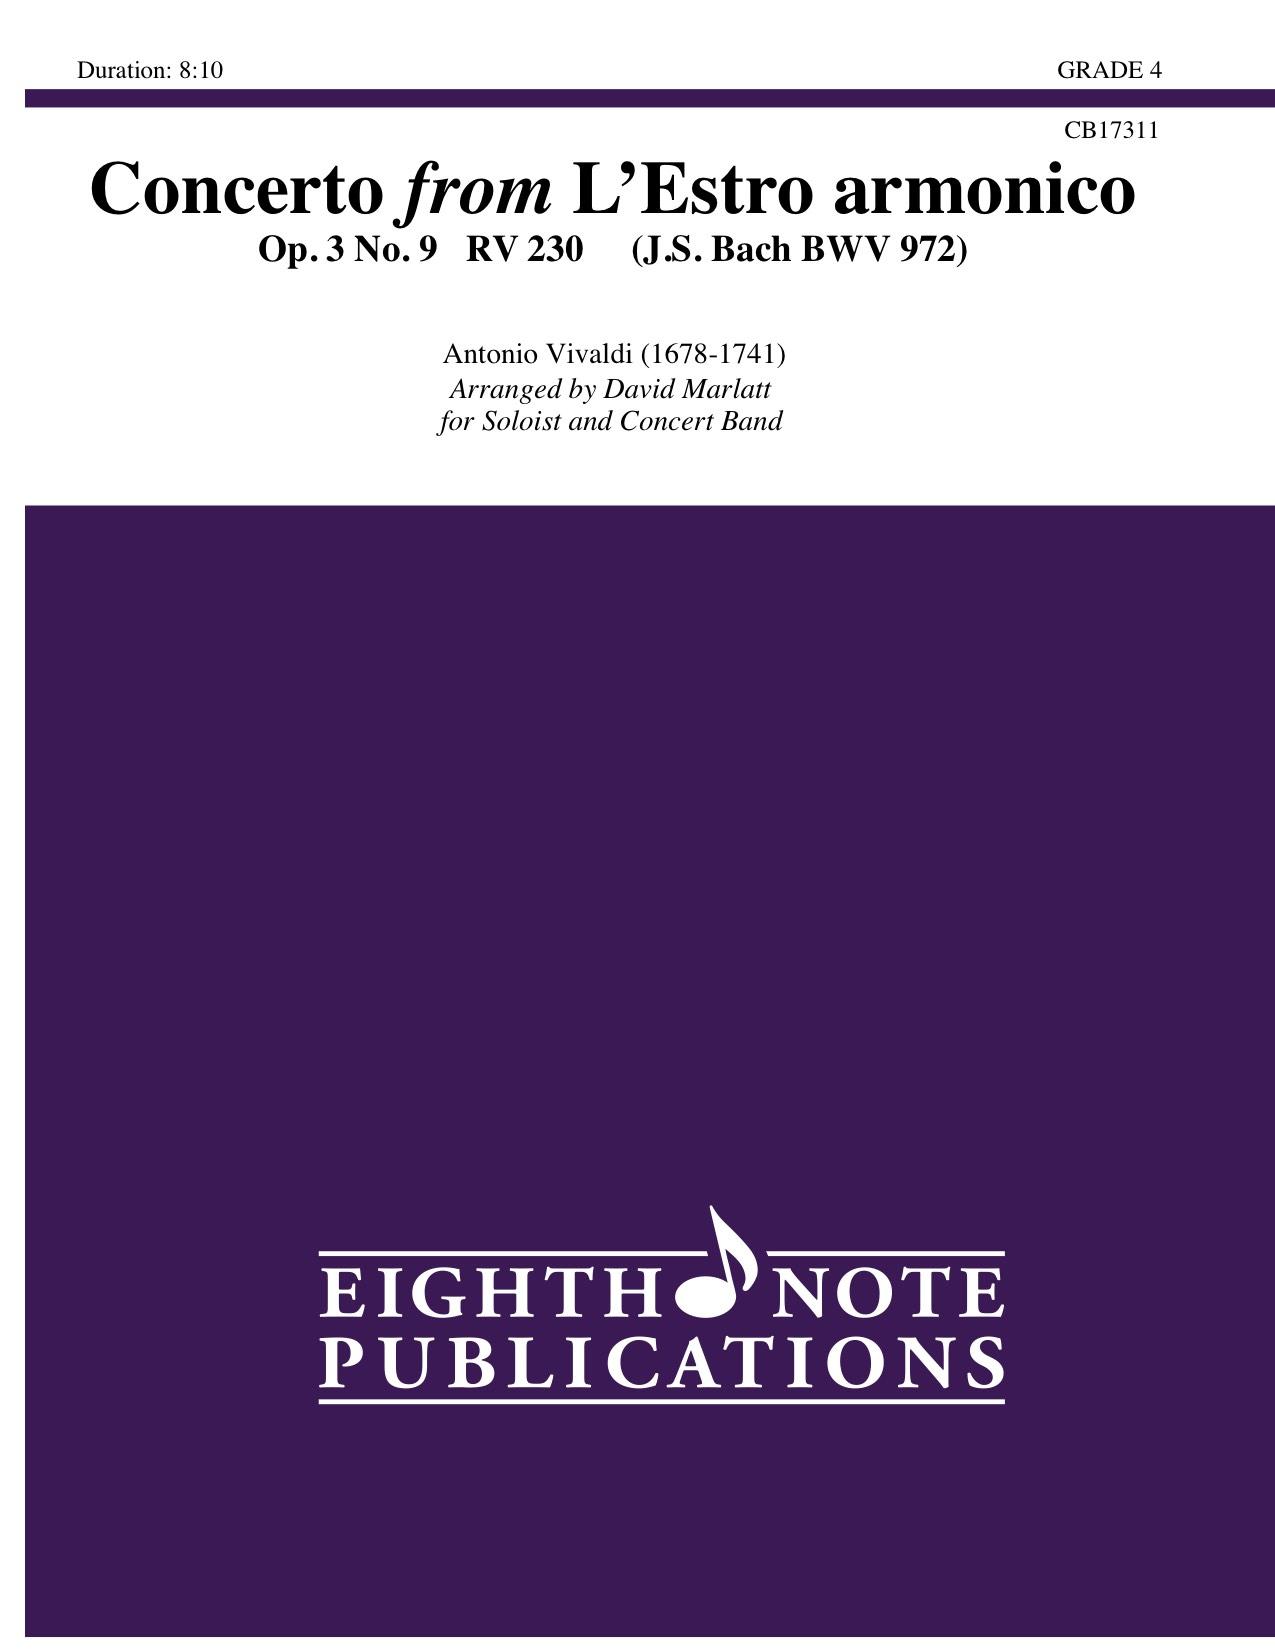 Concerto from L�Estro armonico Op. 3 No. 9 RV 230 - Antonio Vivaldi